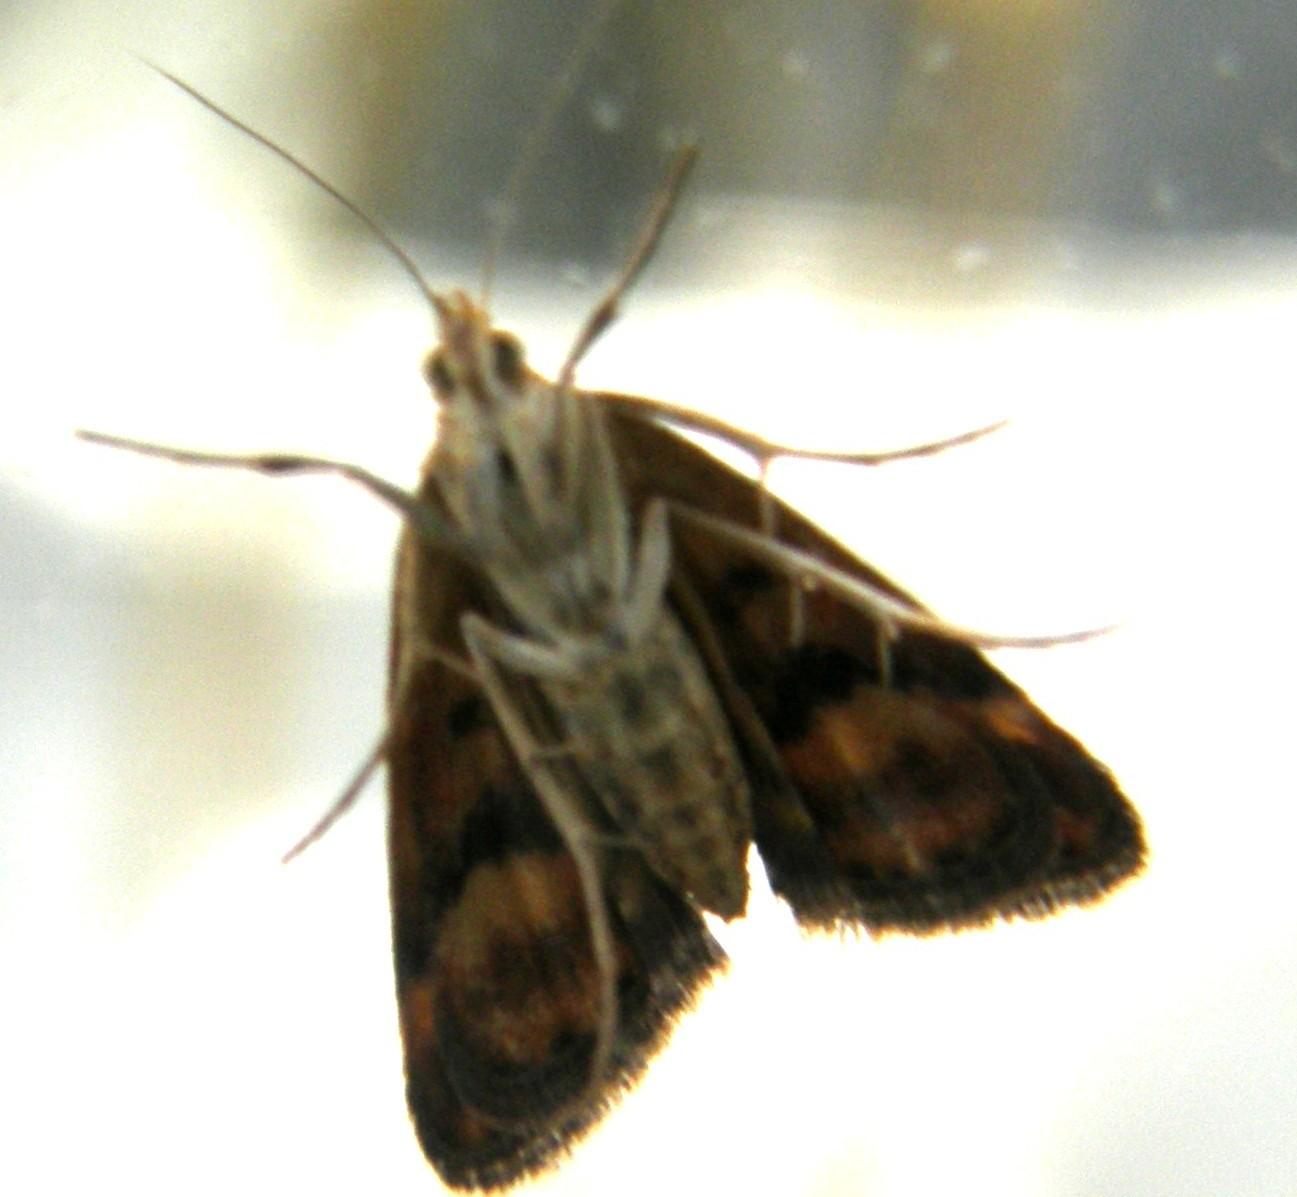 Al di là di un vetro - Pyrausta despicata (Crambidae)